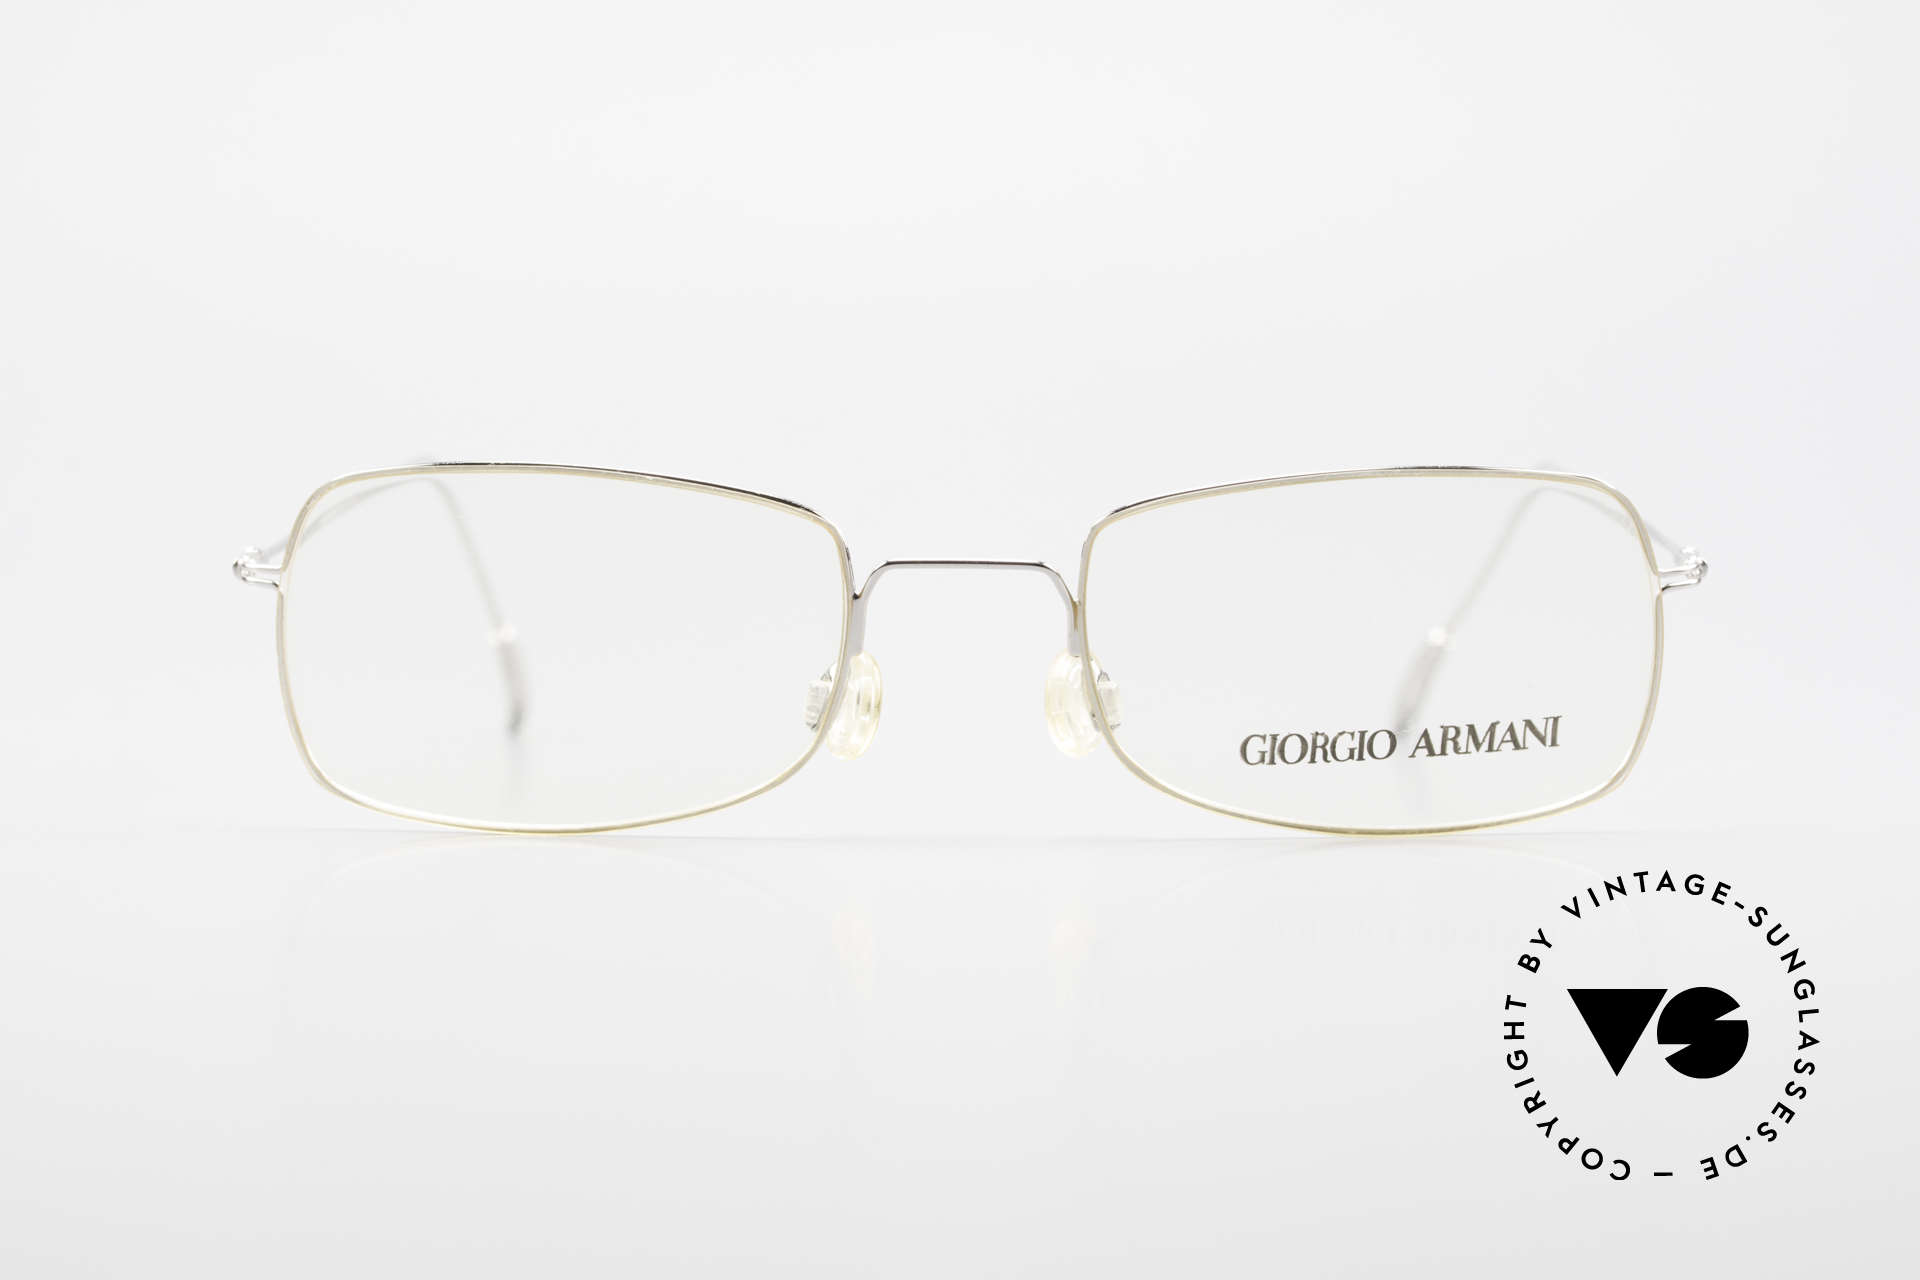 Giorgio Armani 1091 Small Wire Glasses Unisex, plain & puristic 'wire glasses' (EXTRA SMALL SIZE), Made for Men and Women